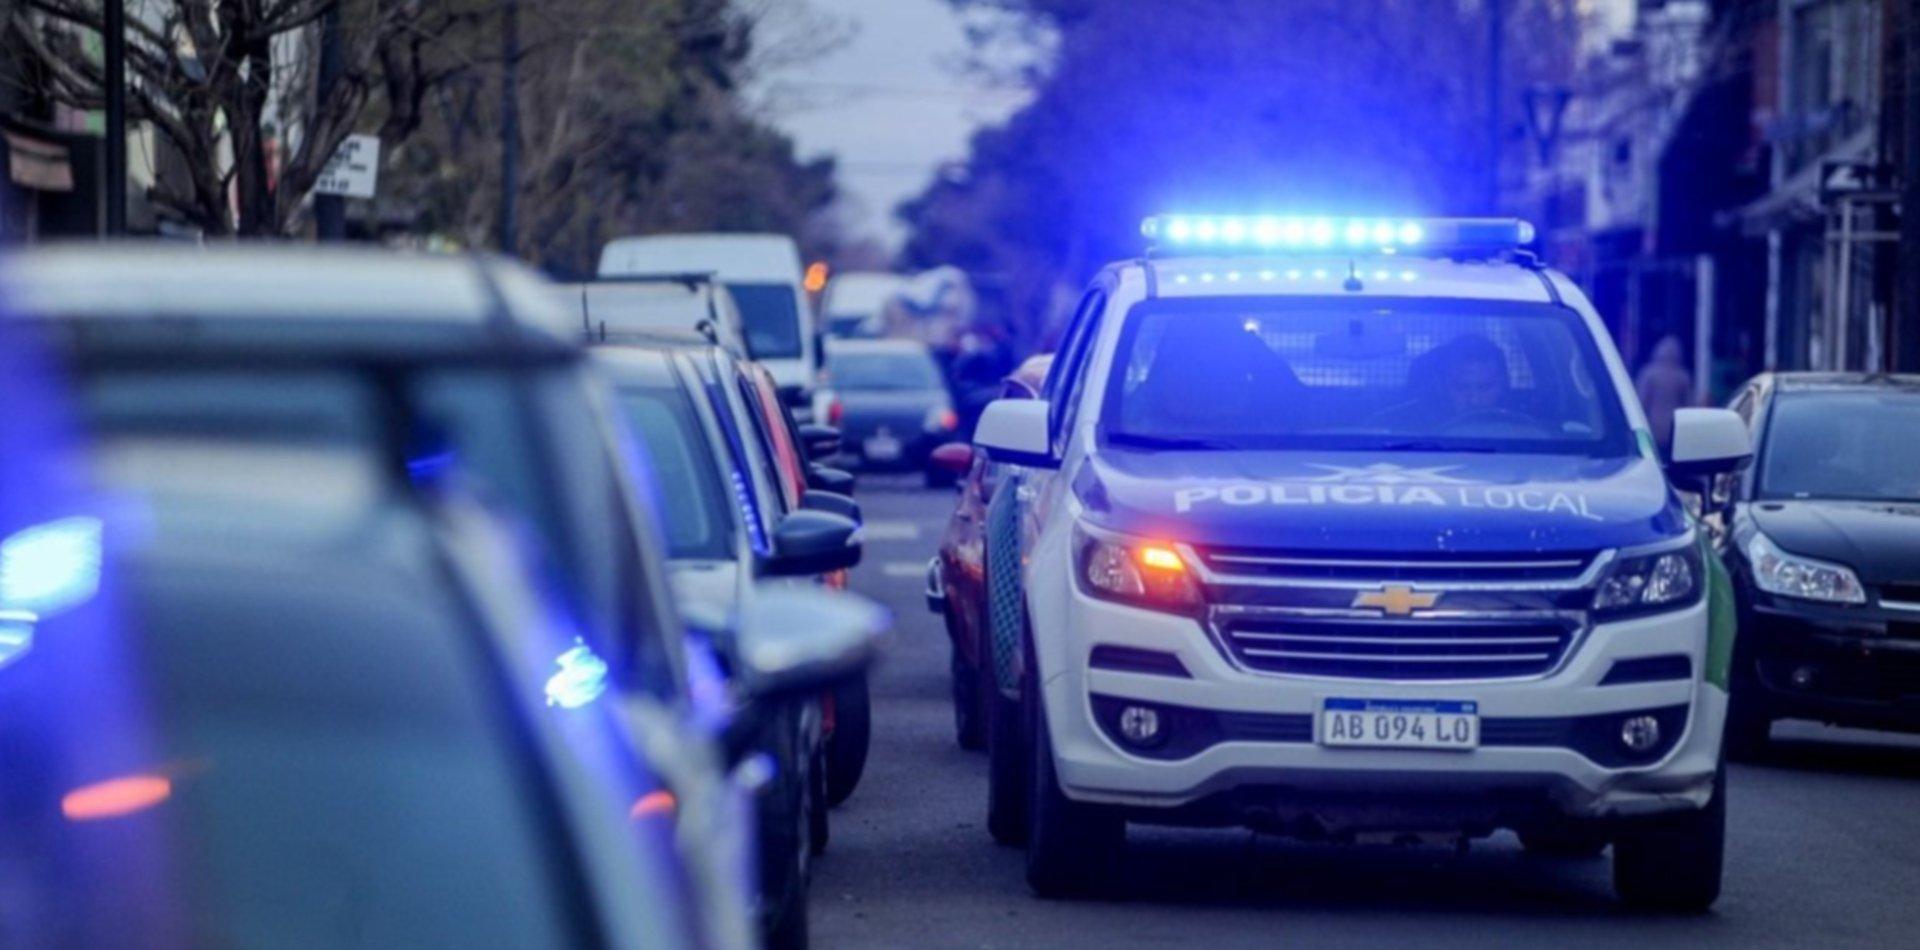 Brutal asesinato en la región: mataron a un joven de un cuchillazo en el cuello